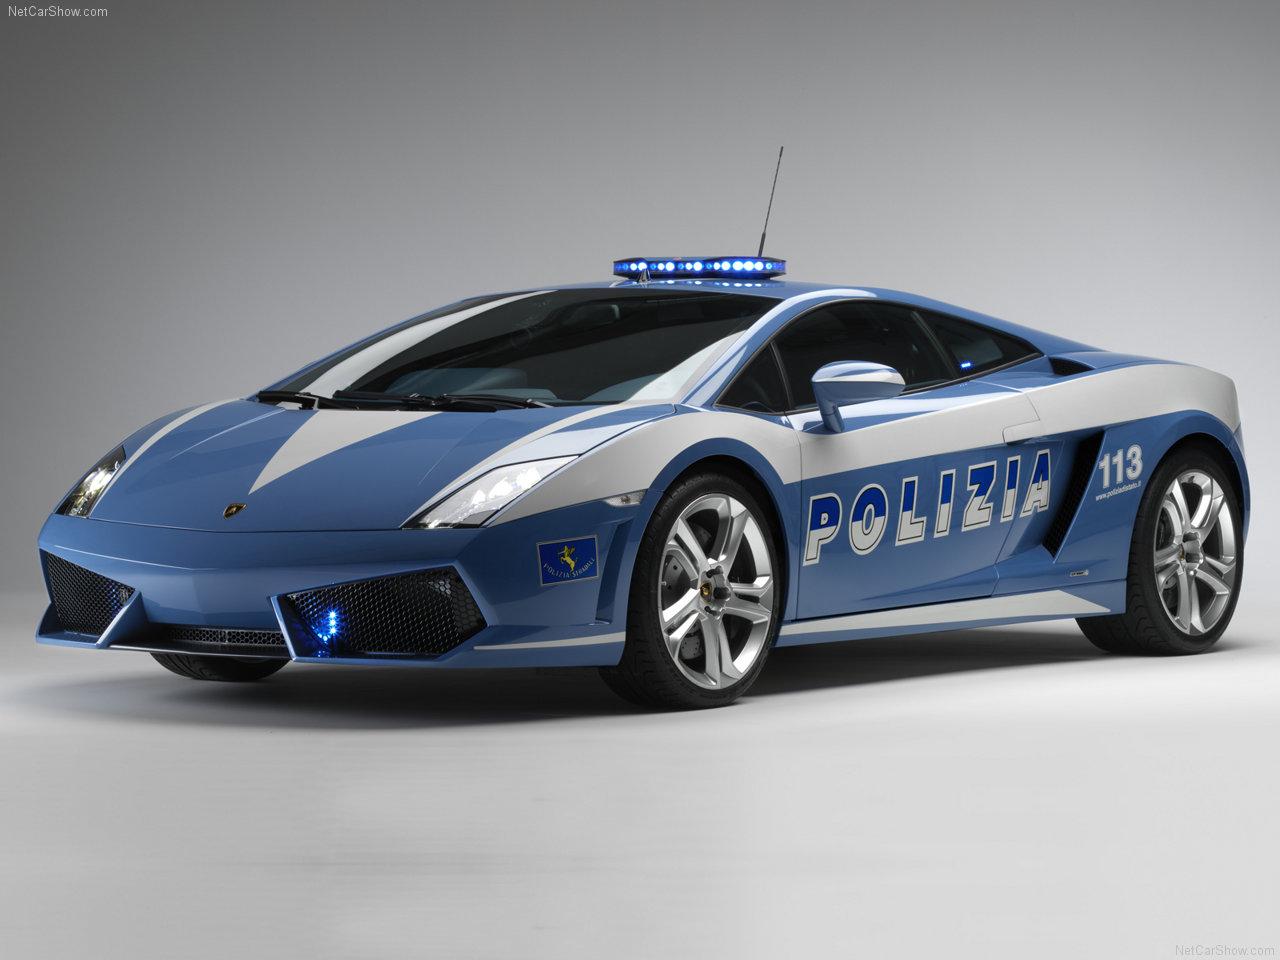 http://1.bp.blogspot.com/-9jo91C3b5j8/TY8oOBBDSxI/AAAAAAAAA_U/pedvQgBSqjI/s1600/Lamborghini-Gallardo_LP560-4_Polizia_2009_1280x960_wallpaper_05.jpg